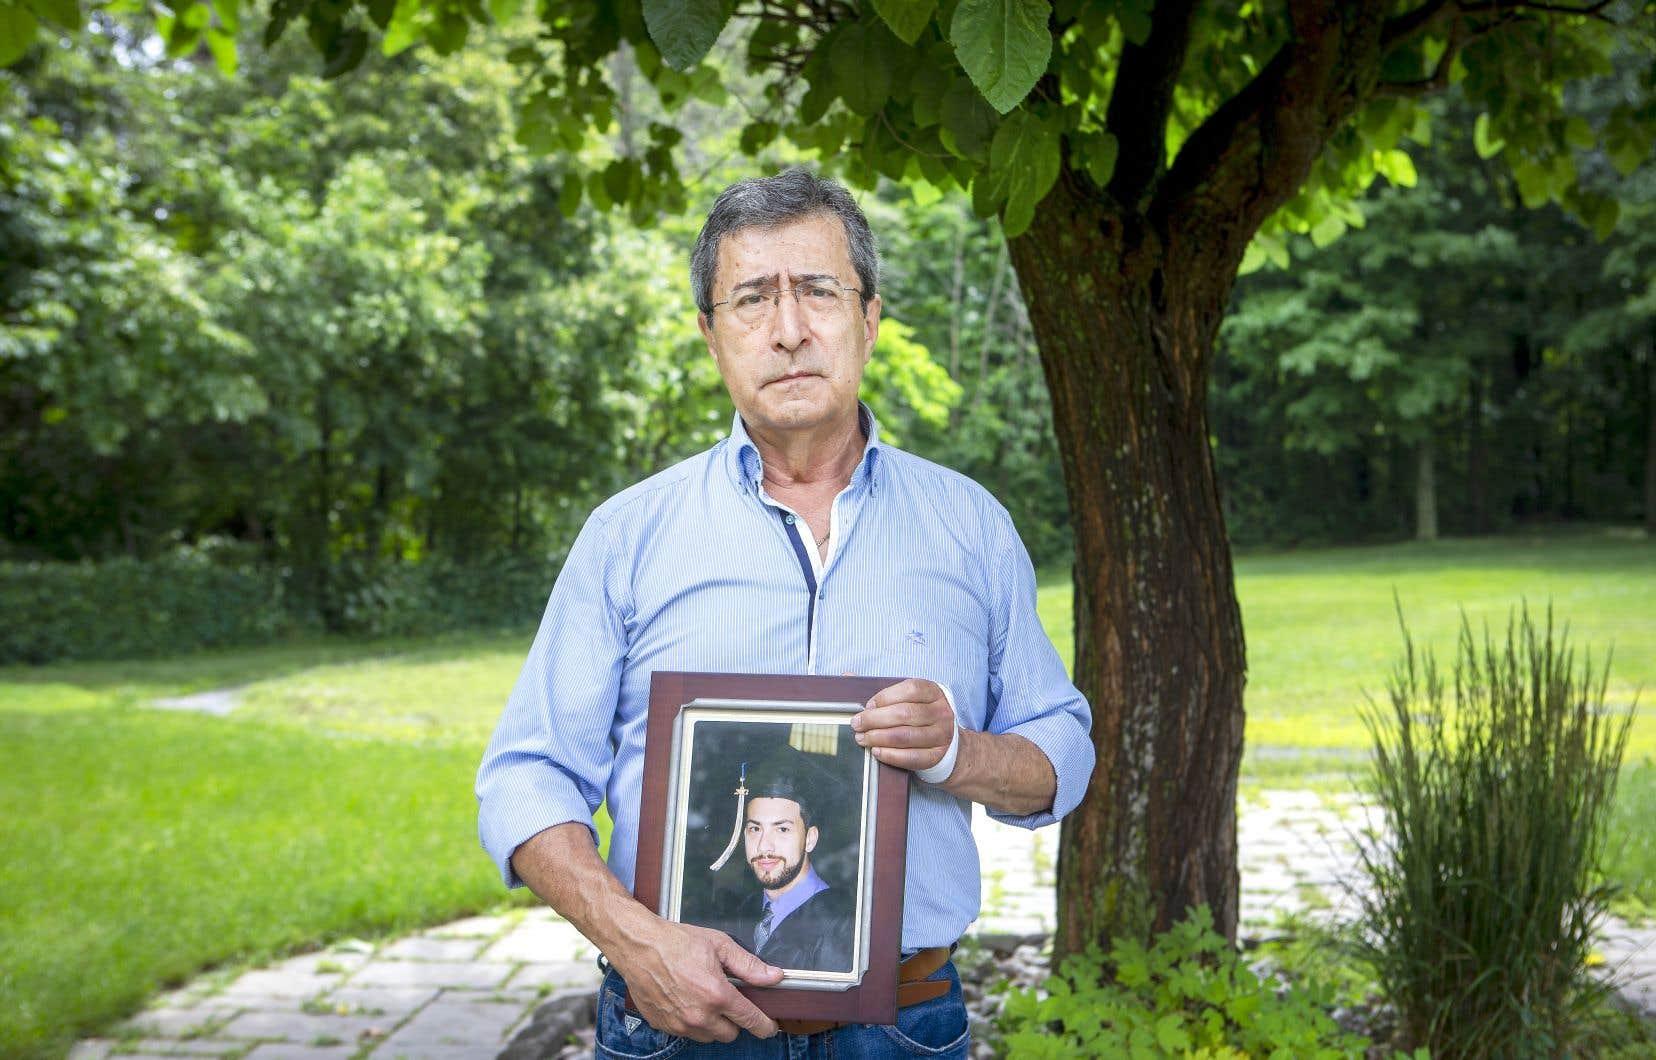 Cesur Celik montre le portrait de son fils, Koray Kevin Celik, qui a perdu la vie le 6 mars 2017 lors d'une intervention policière survenue au domicile familial de L'Île-Bizard.